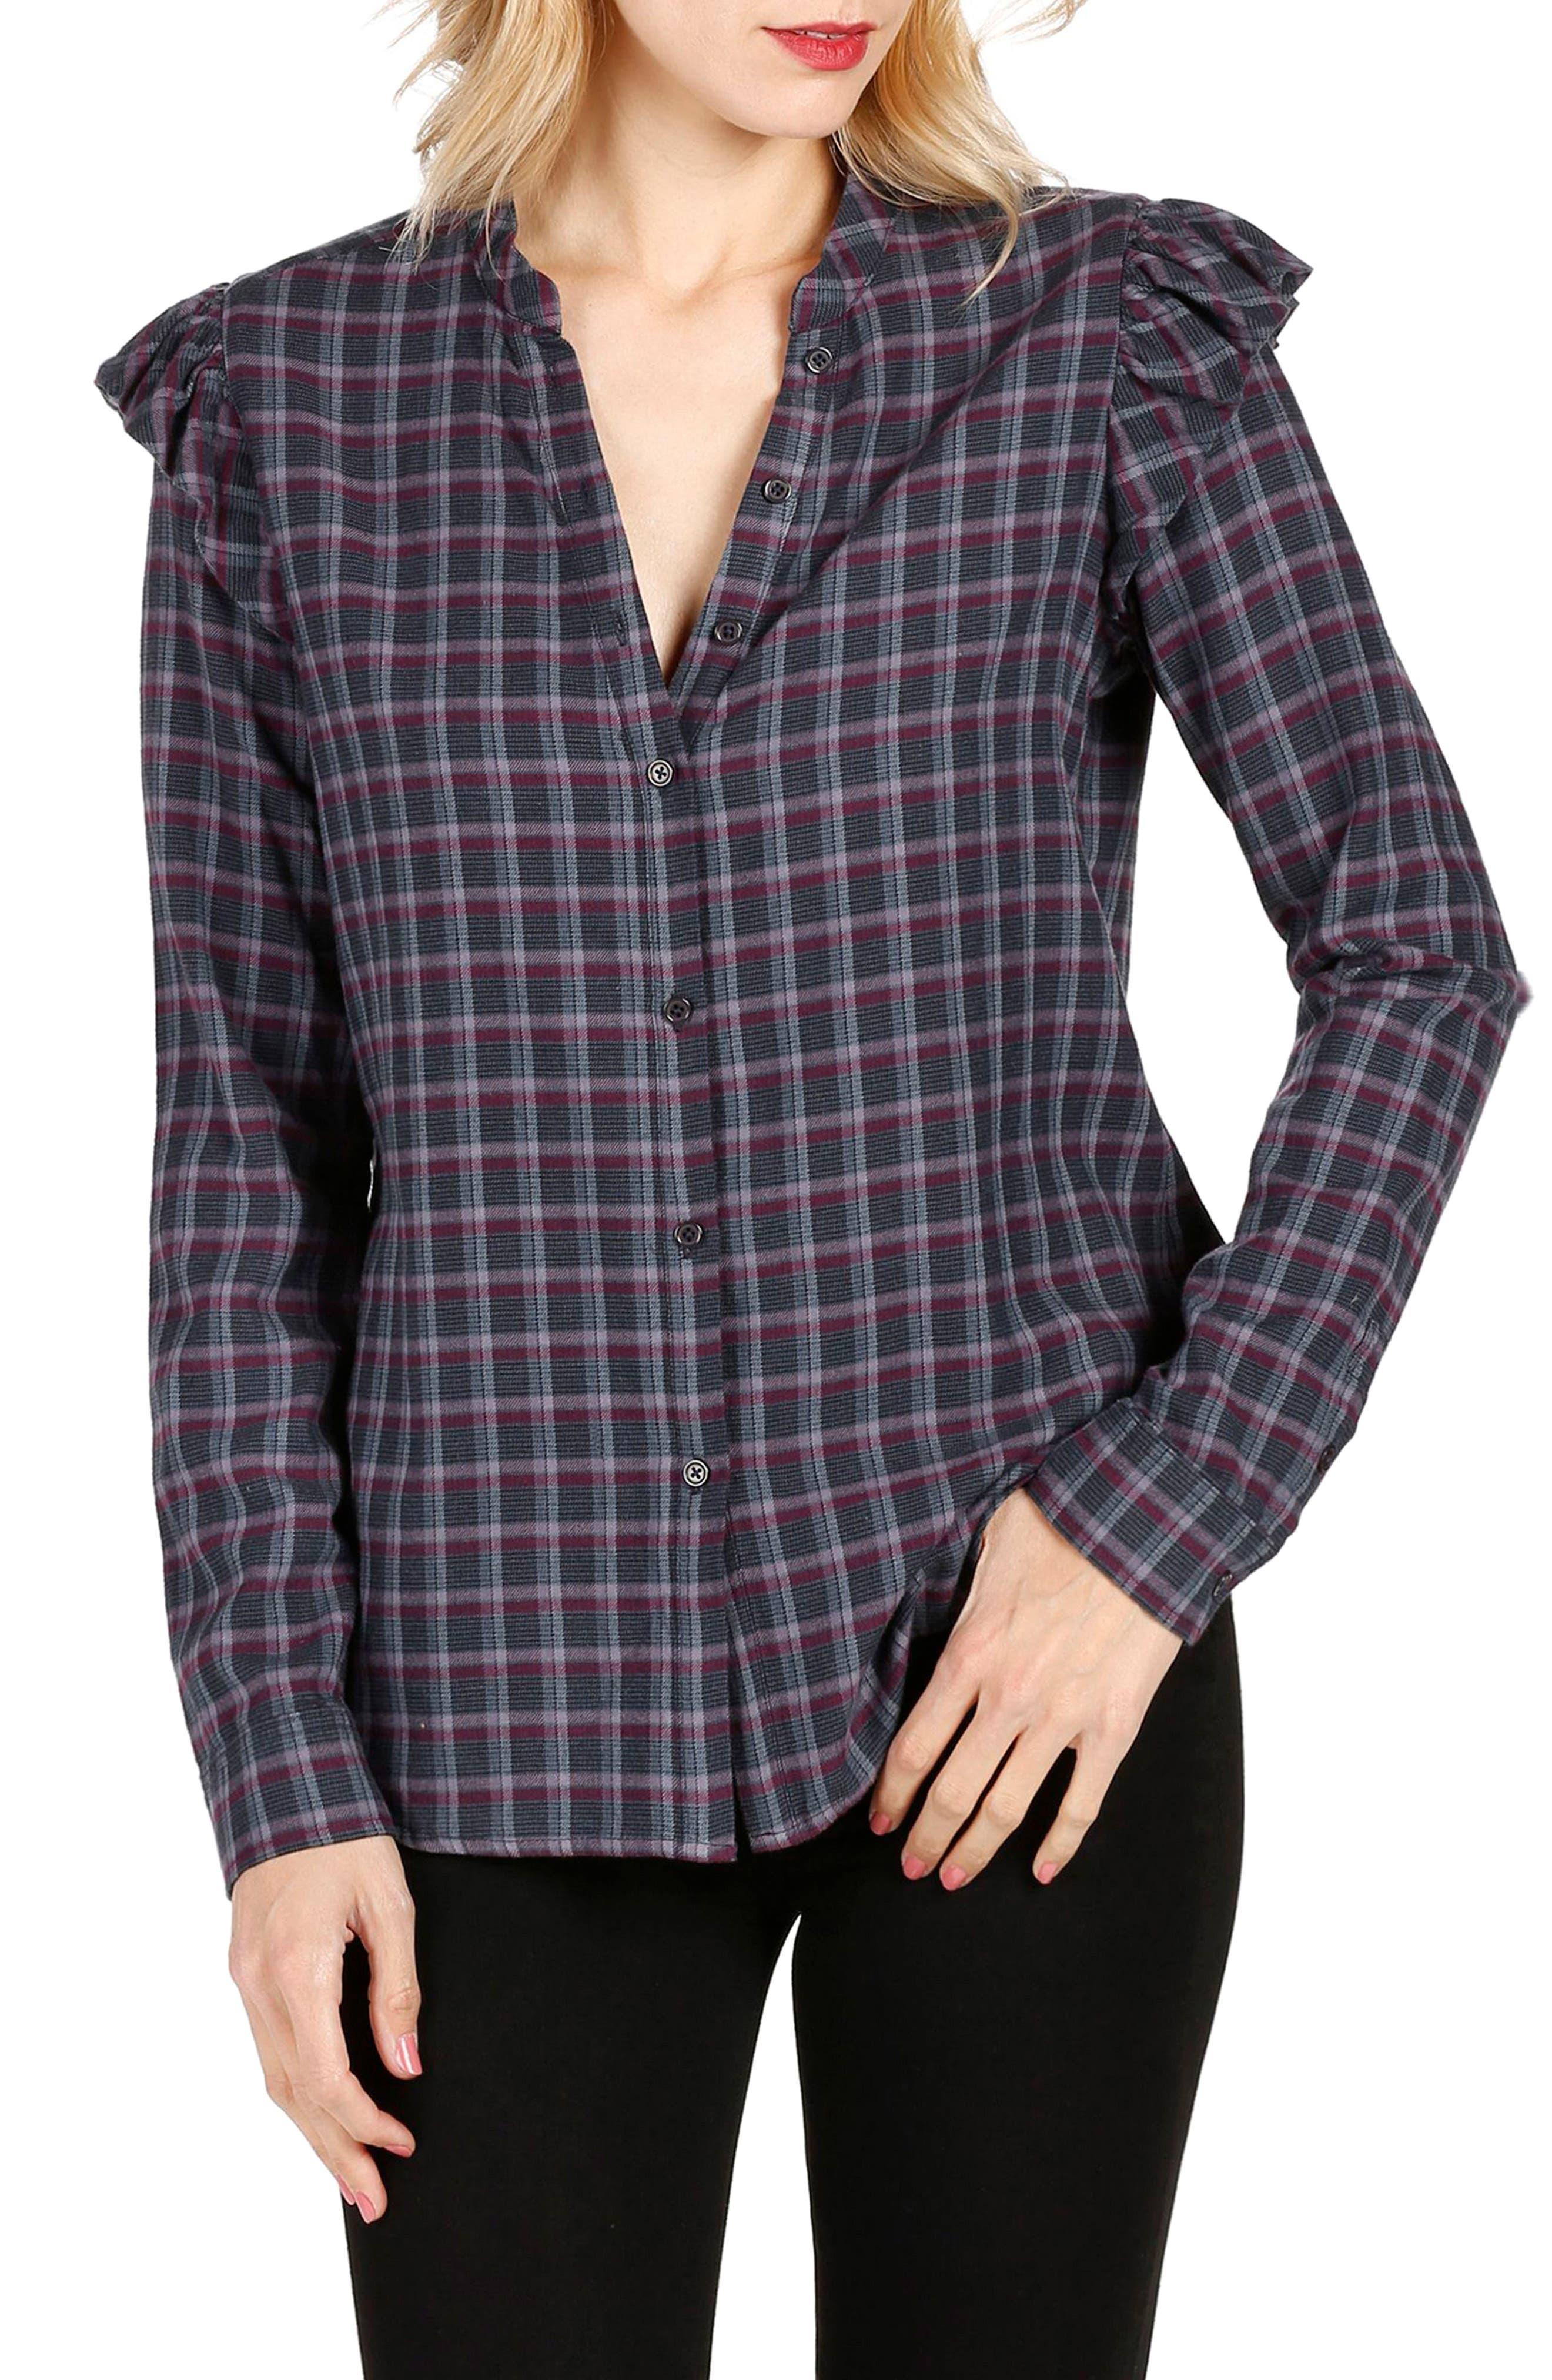 Jenelle Ruffle Plaid Shirt,                         Main,                         color, Eclipse Multi